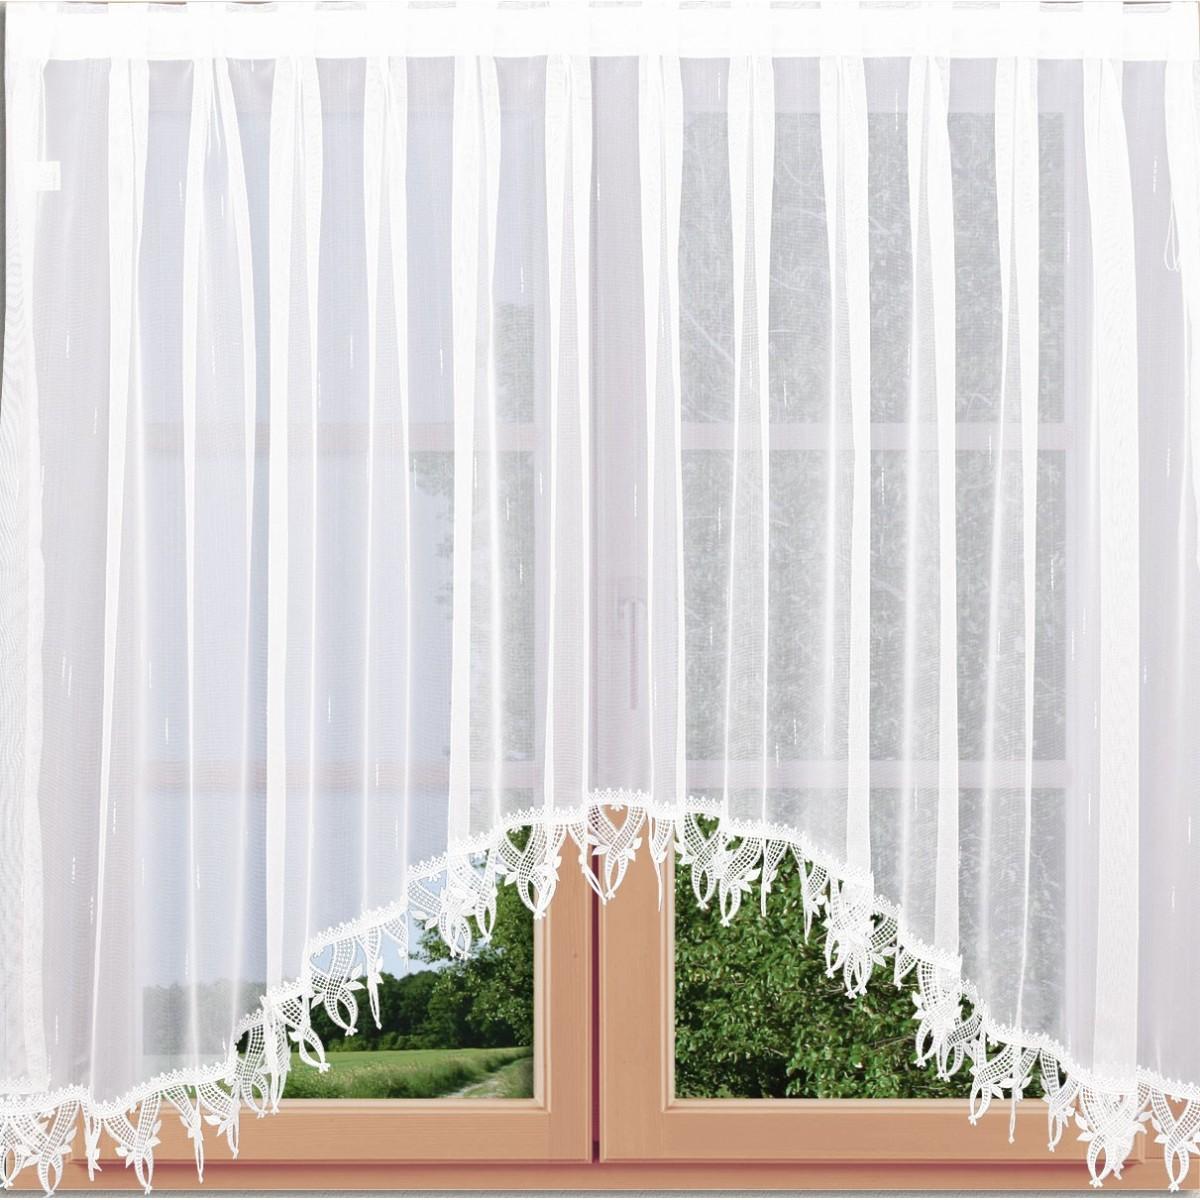 Full Size of Gardinen Für Wohnzimmer Die Küche Scheibengardinen Fenster Schlafzimmer Bogenlampe Esstisch Wohnzimmer Bogen Gardinen